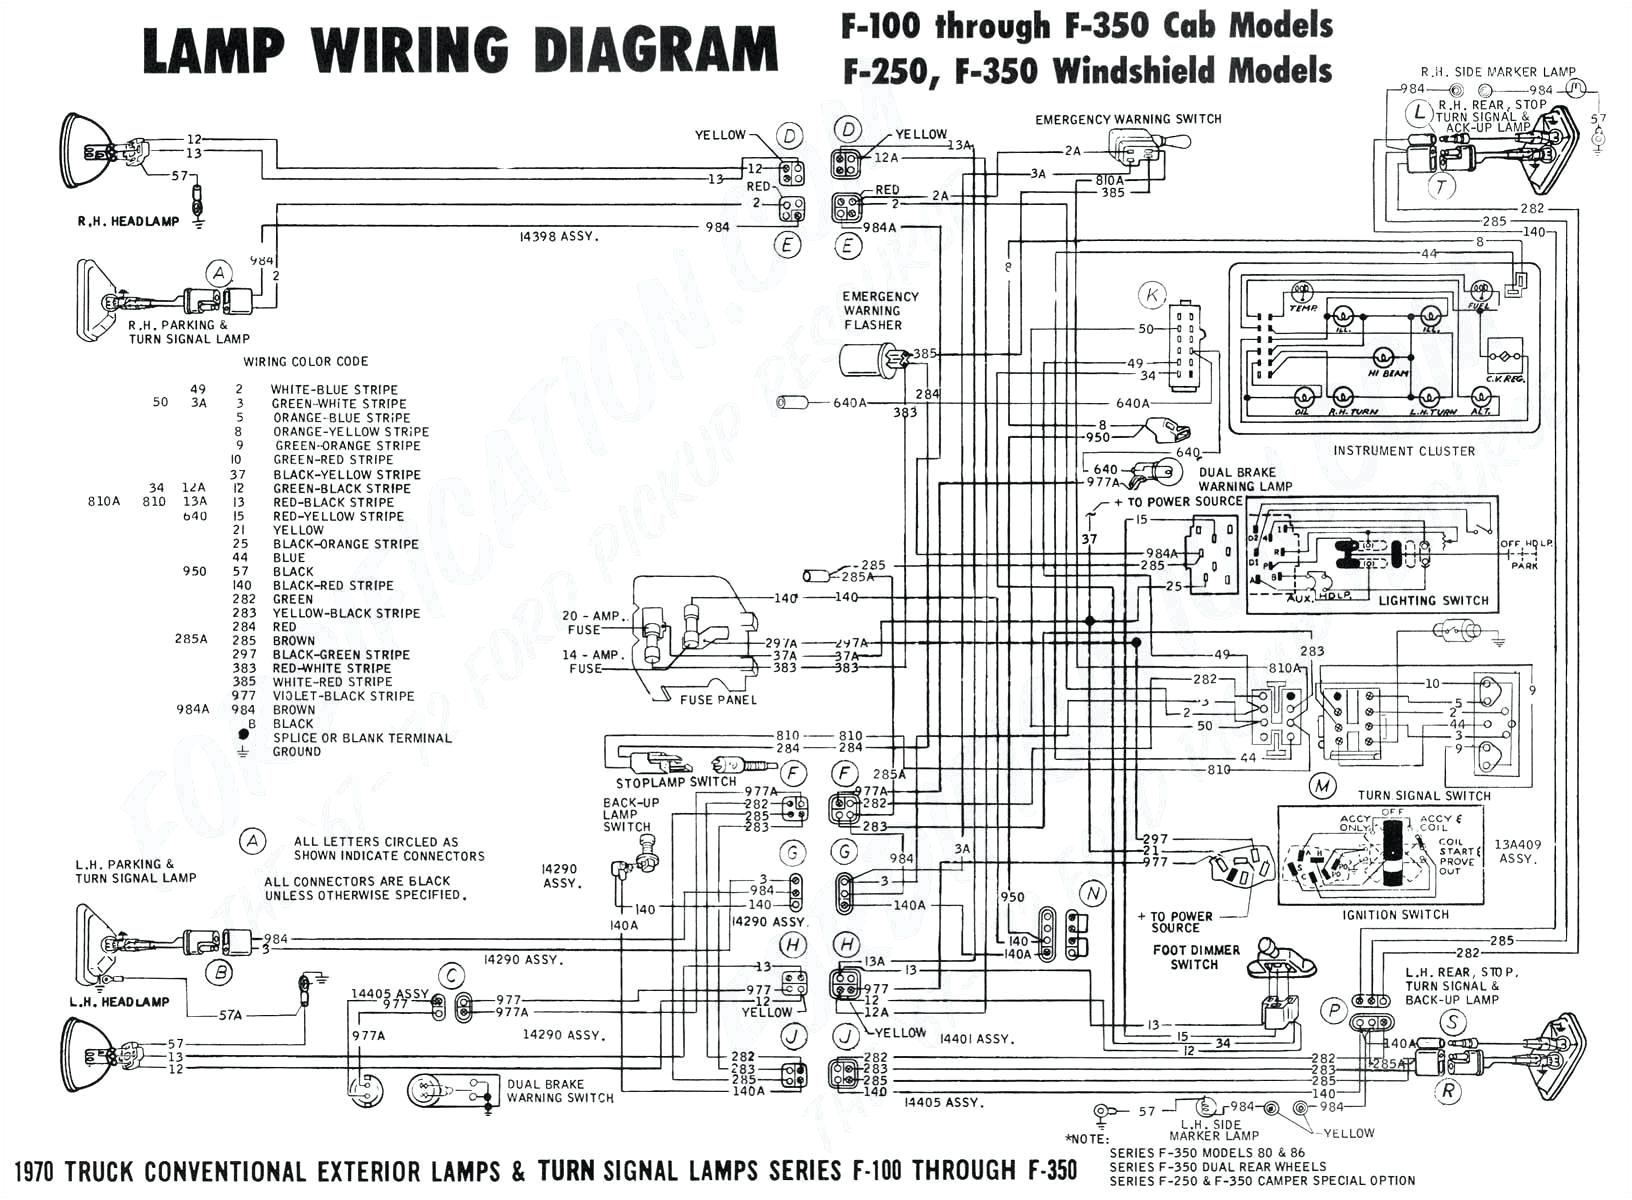 2002 camaro fuse box diagram wiring diagram paper wire fuse box diagram 97 chevy camaro